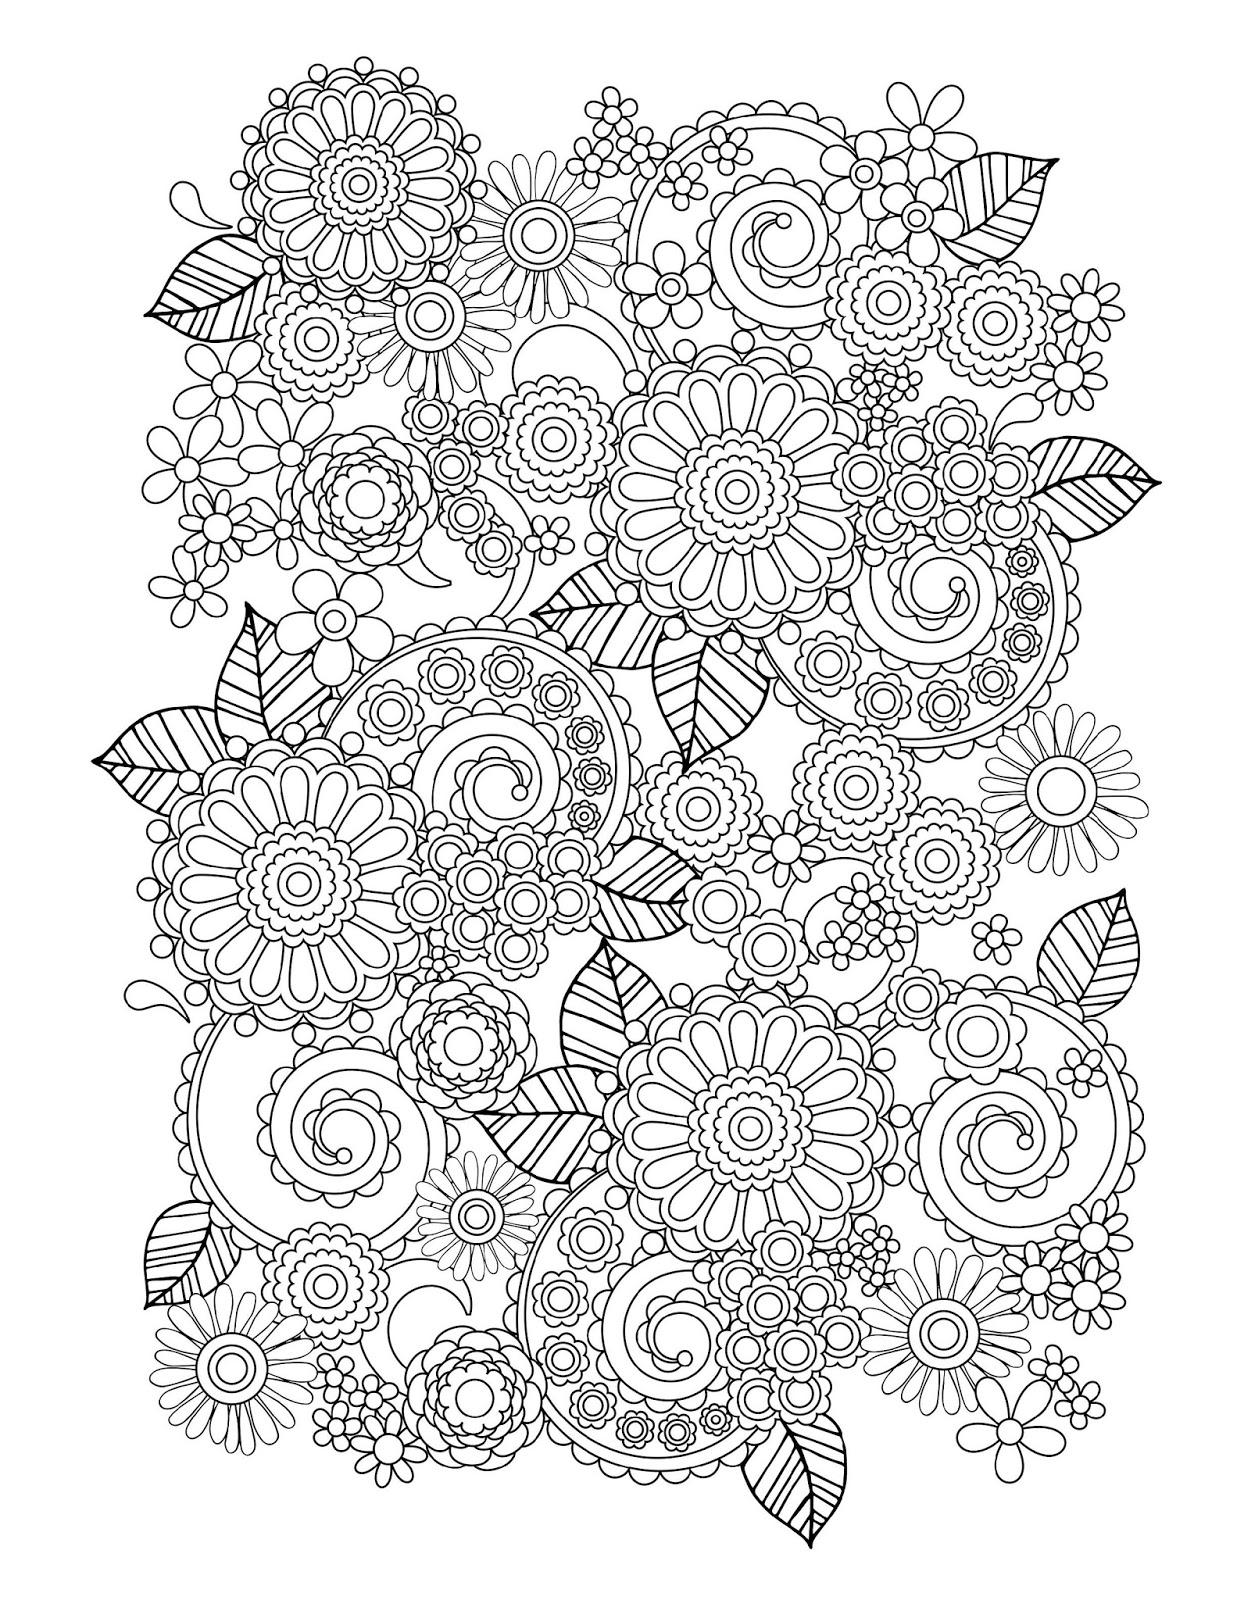 Gambar Mewarnai Bunga untuk Orang Dewasa